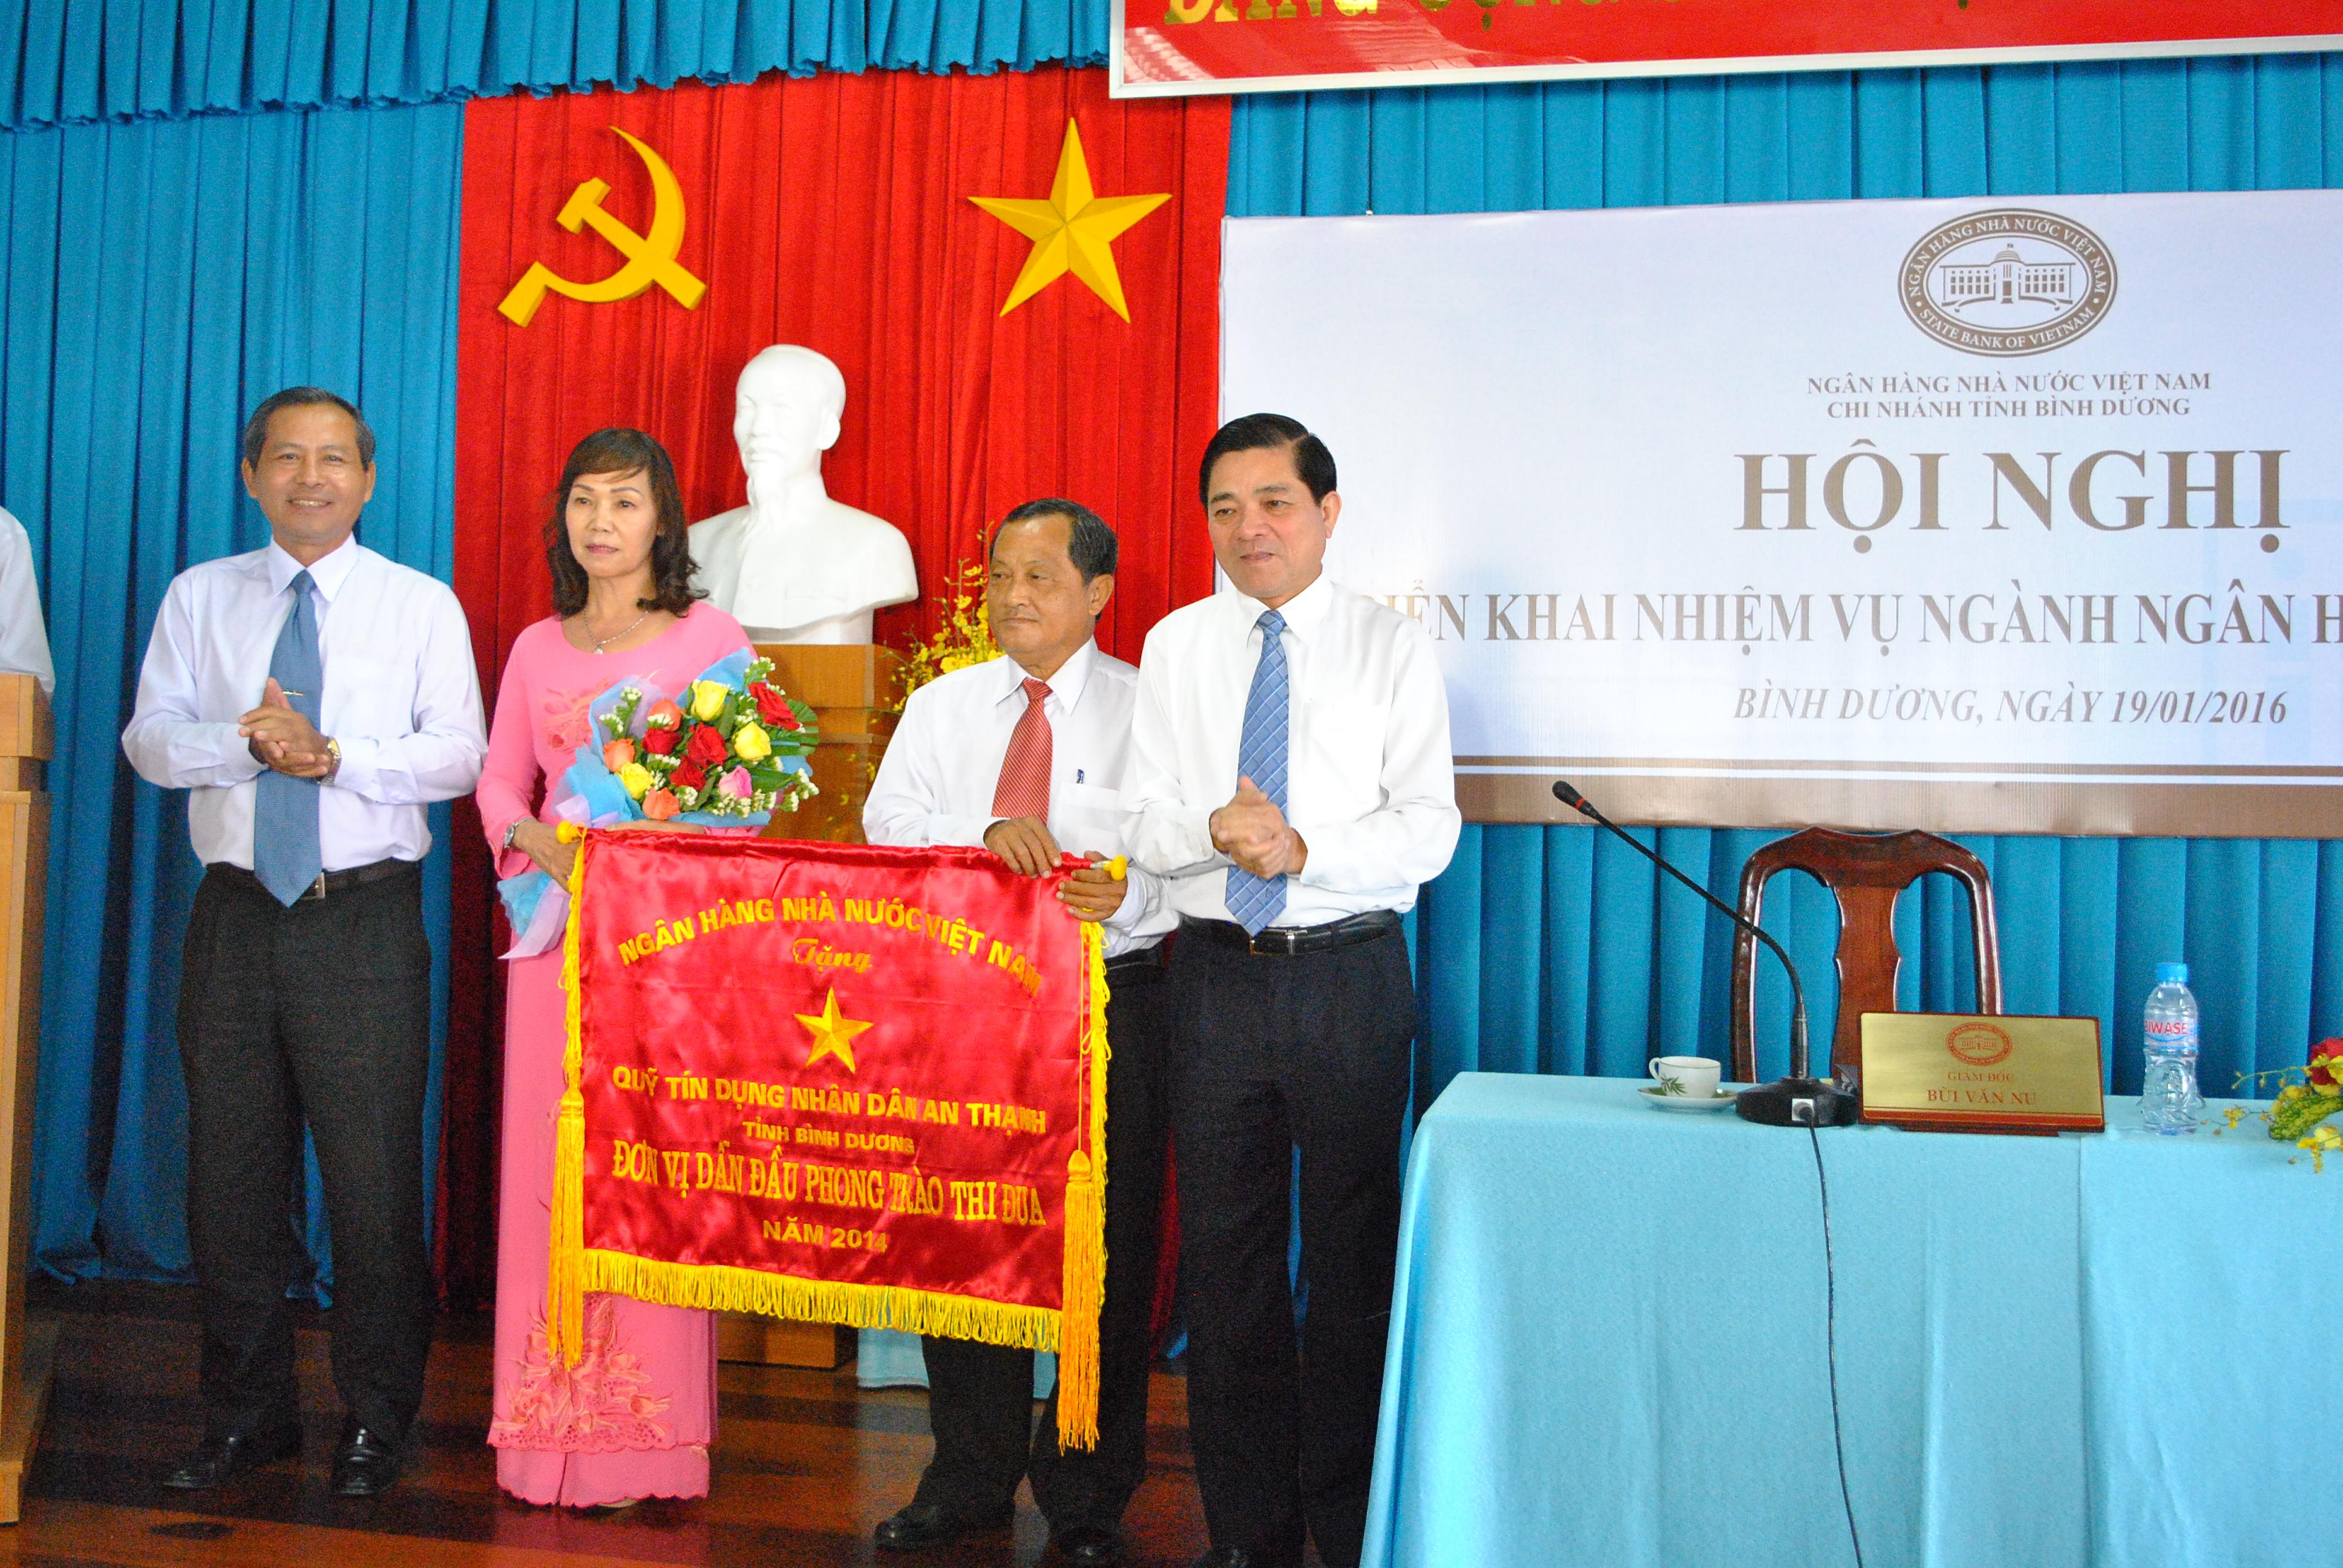 Ông Trần Thanh Liêm Phó chủ tịch UBND tỉnh tích cực đẩy mạnh tăng trưởng tín dụng nhưng vẫn đảm bảo các quy định của chính phủ ngành